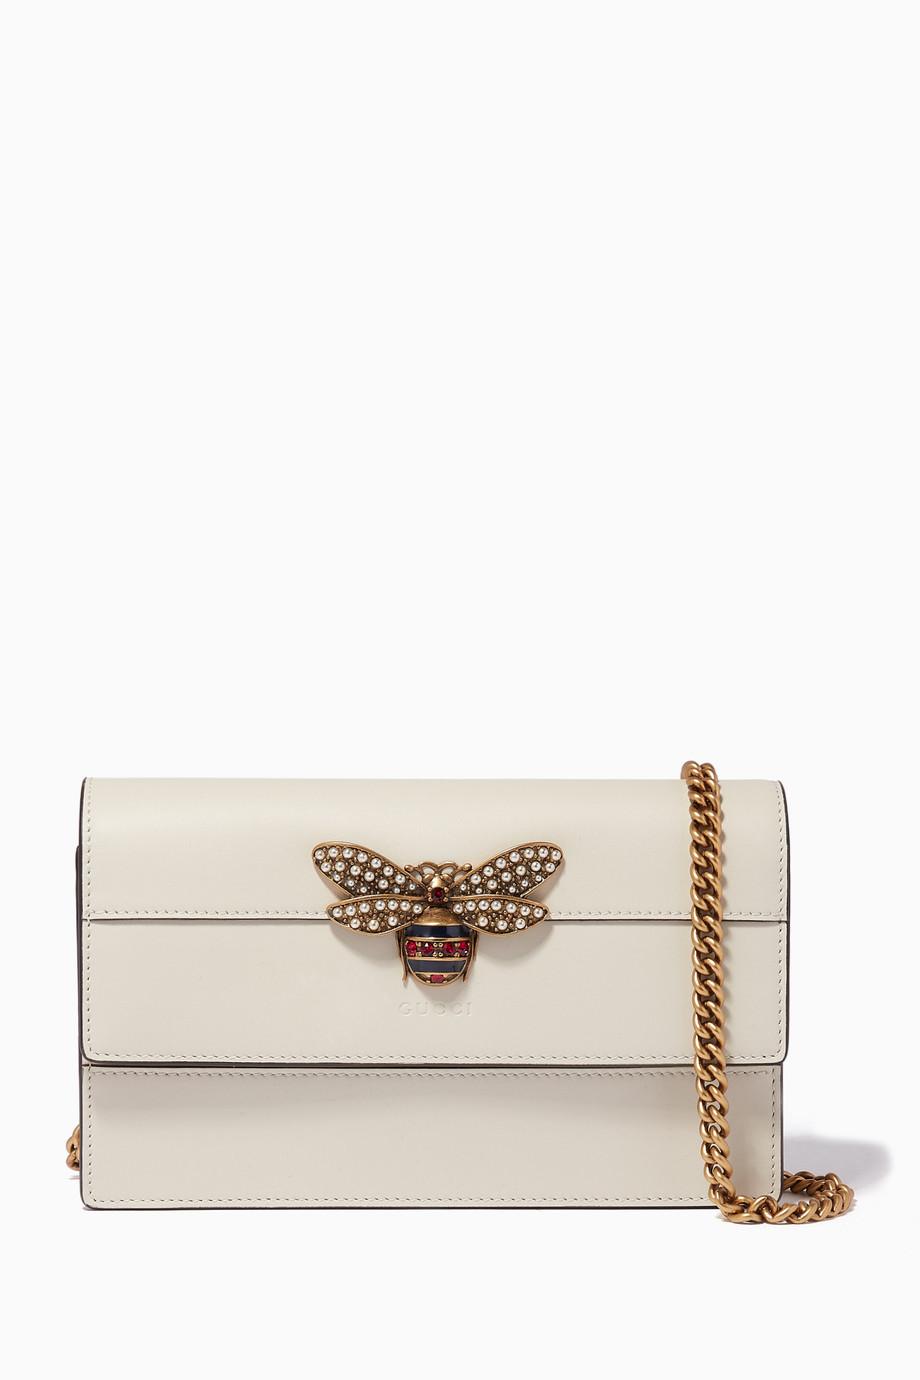 ea98a200c6800d Shop Gucci Neutral White Queen Margaret Leather Mini Bag for Women